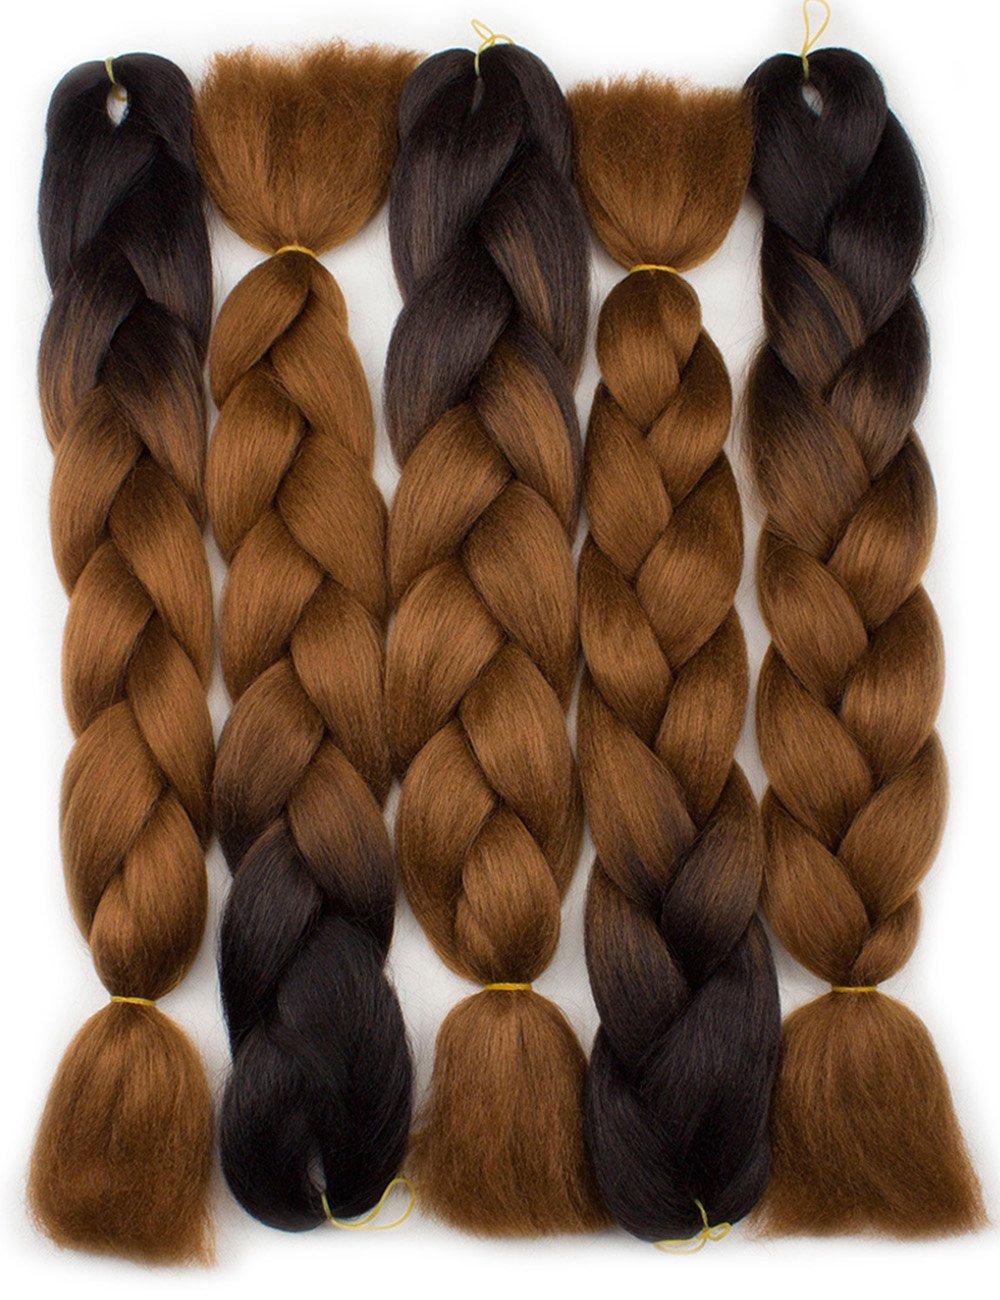 amazoncom besteffie 24inch 5pcslot ombre braiding hair